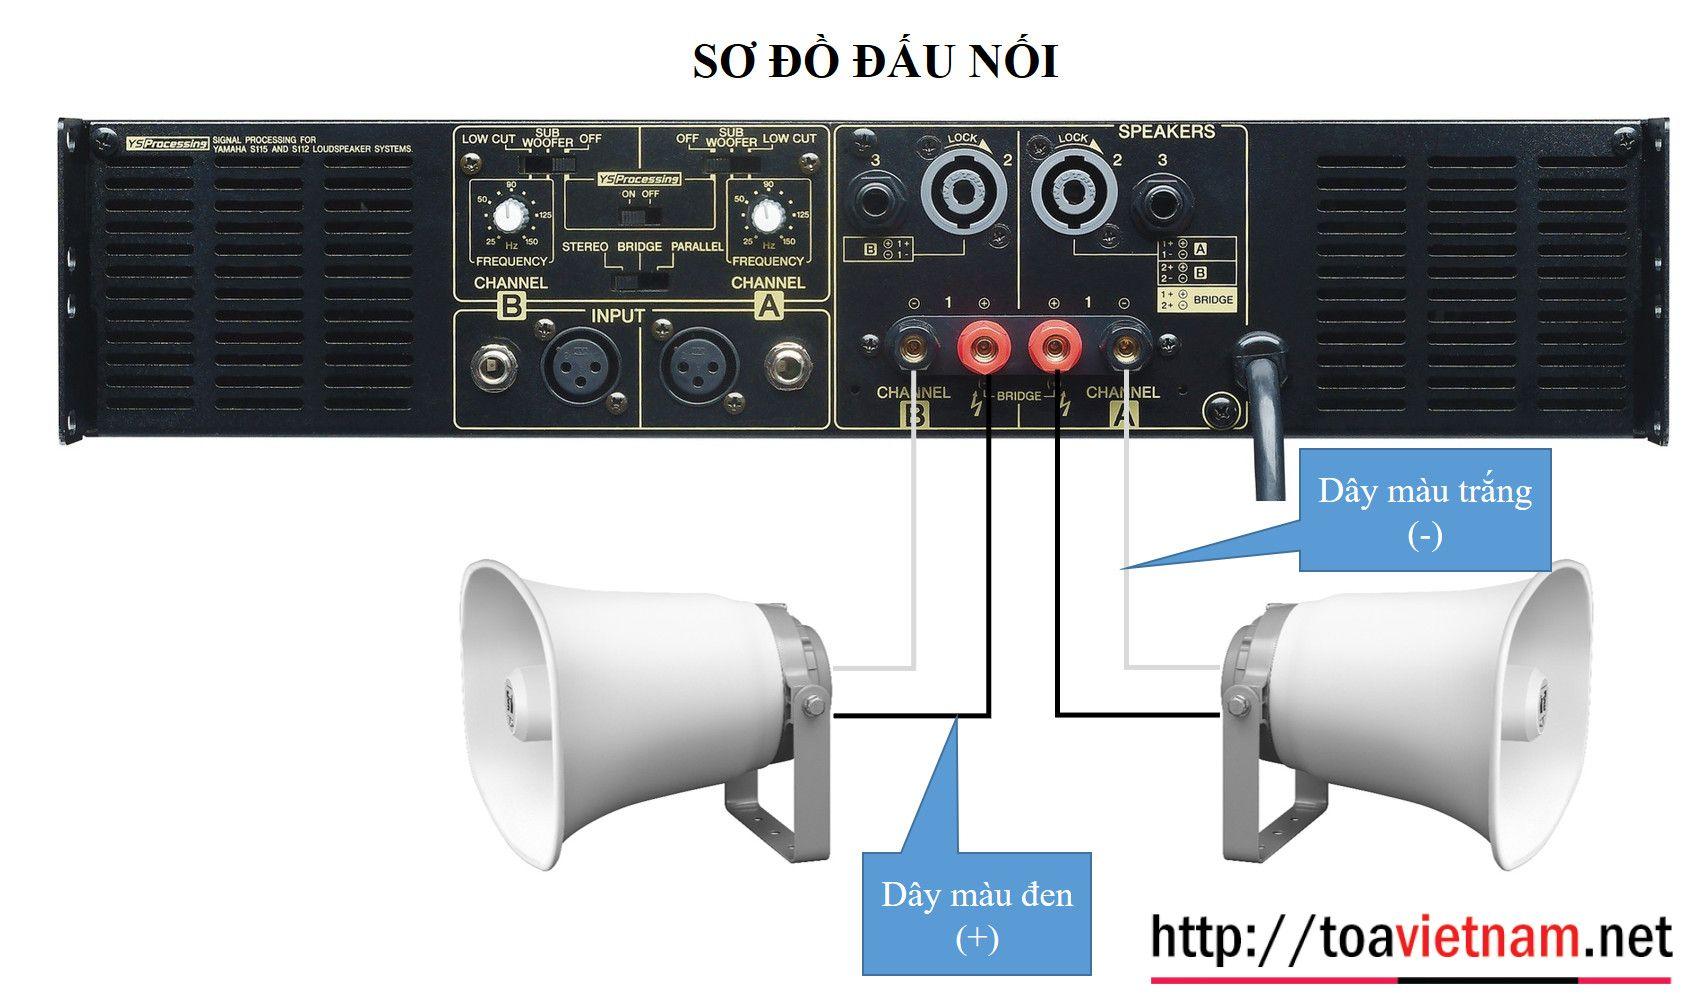 Hướng dẫn lắp đặt SC-651 với tăng âm Yamaha P3500S